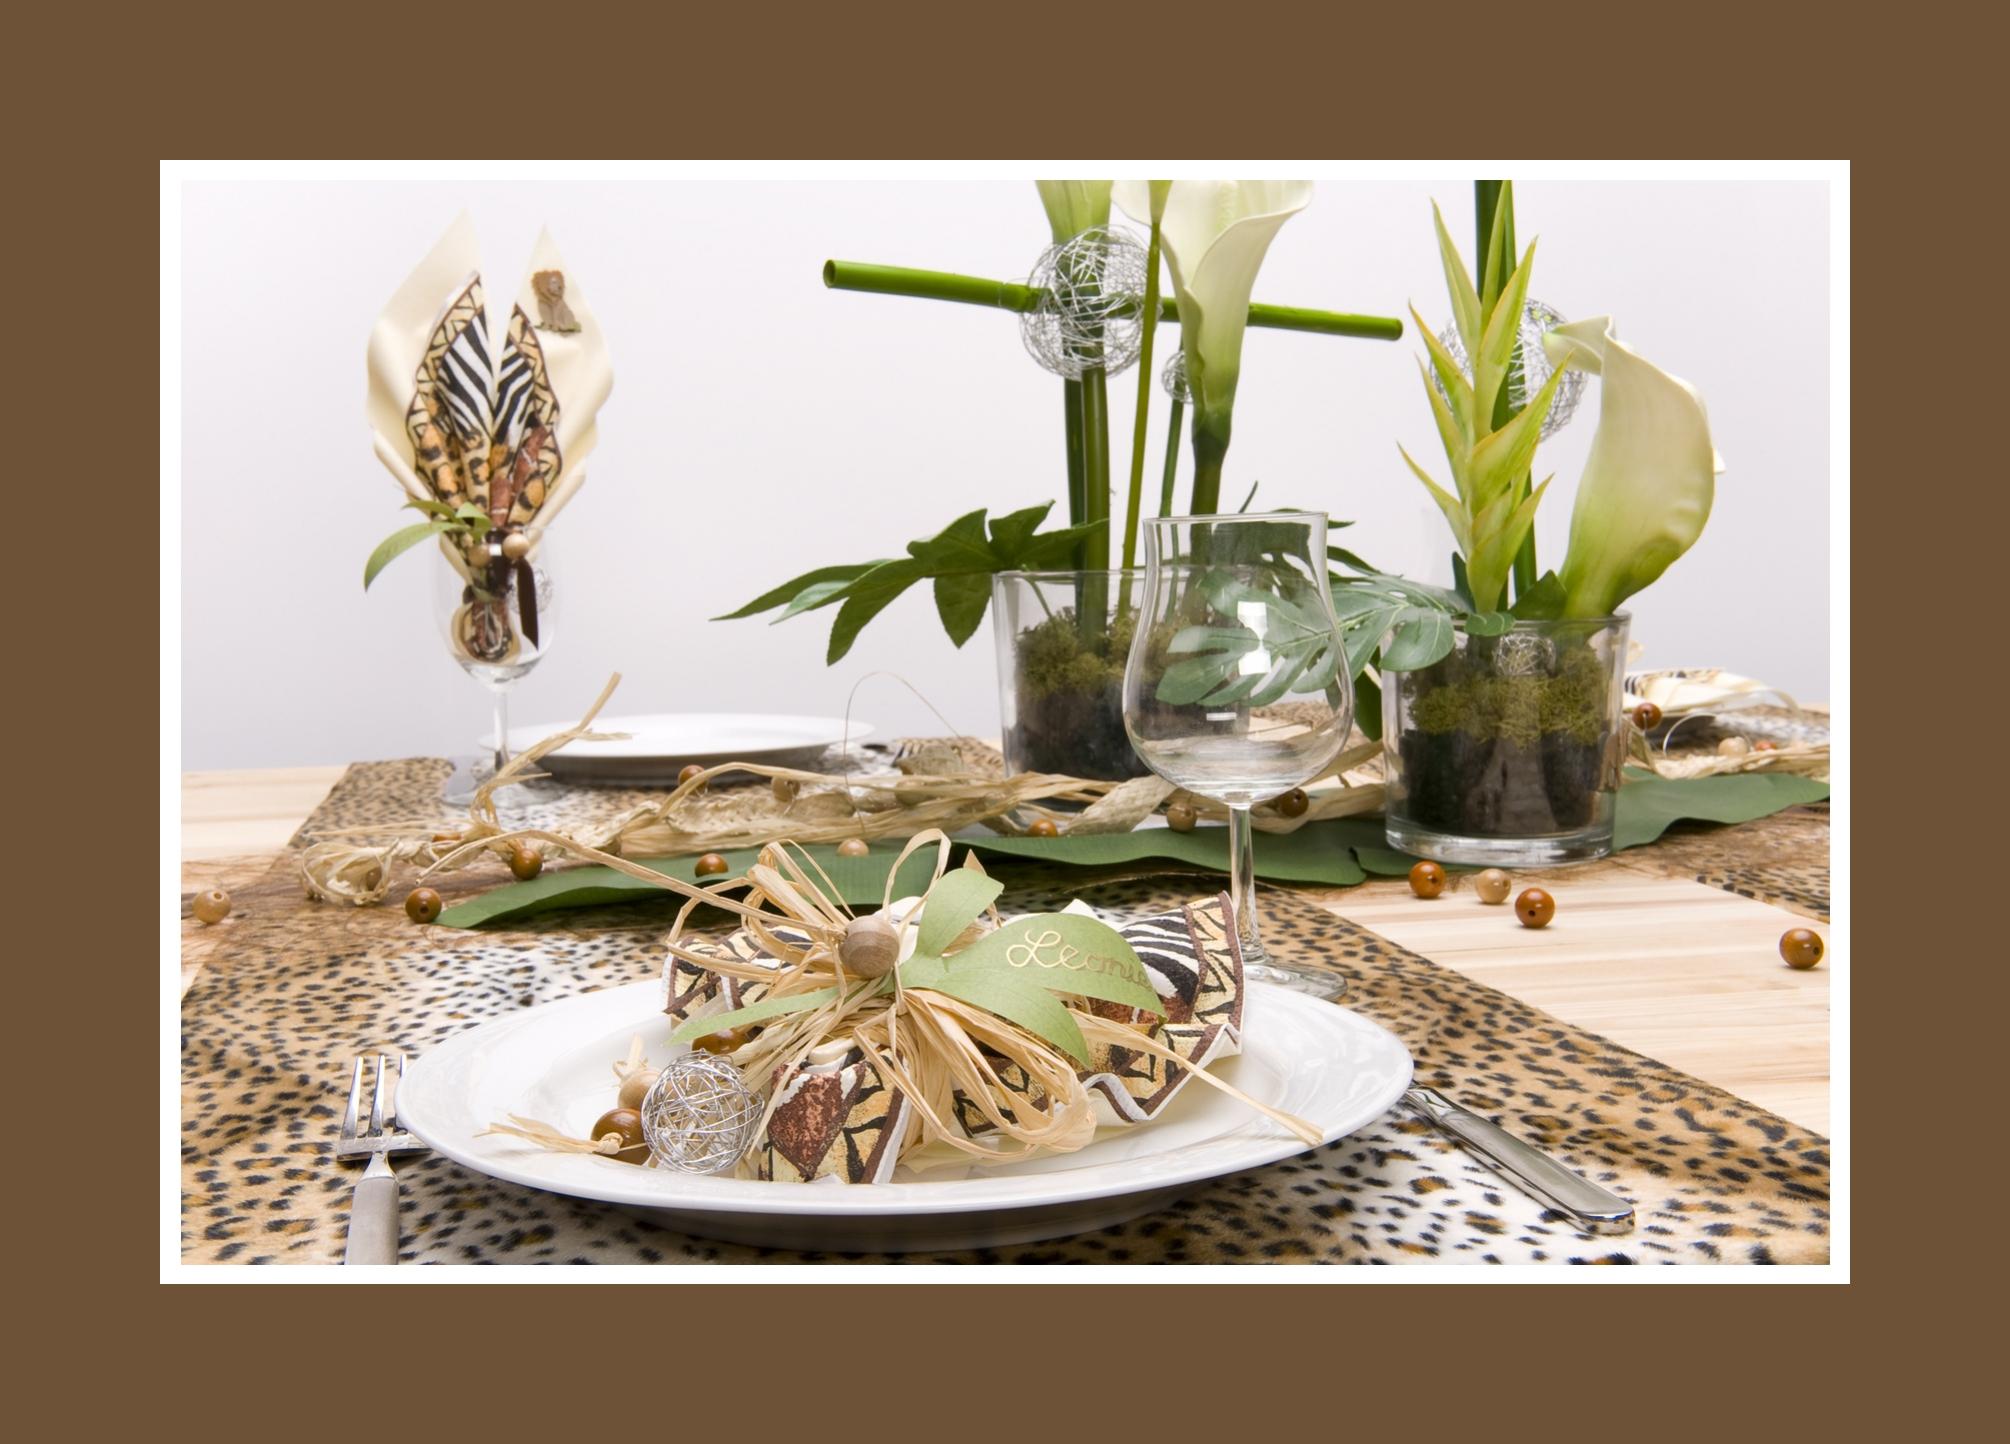 Gemusterte Servietten mit Dschungeldeko